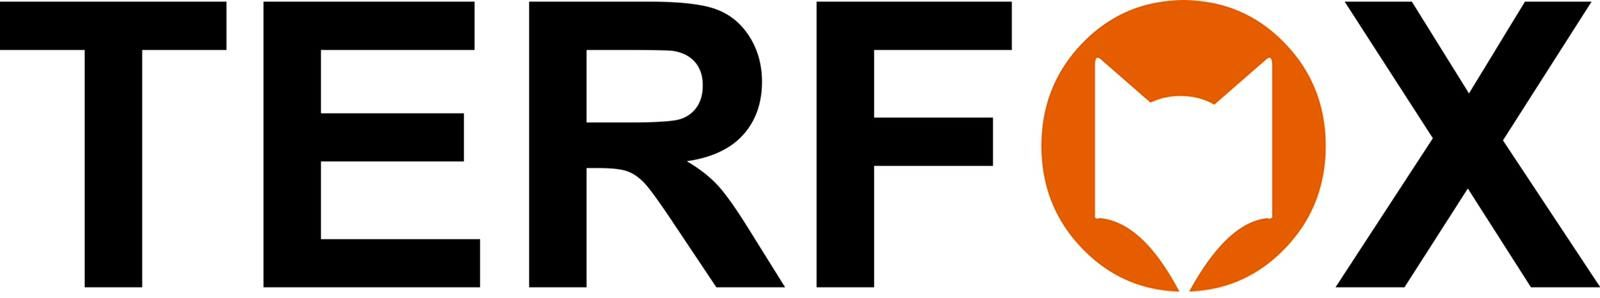 Terfox Logo